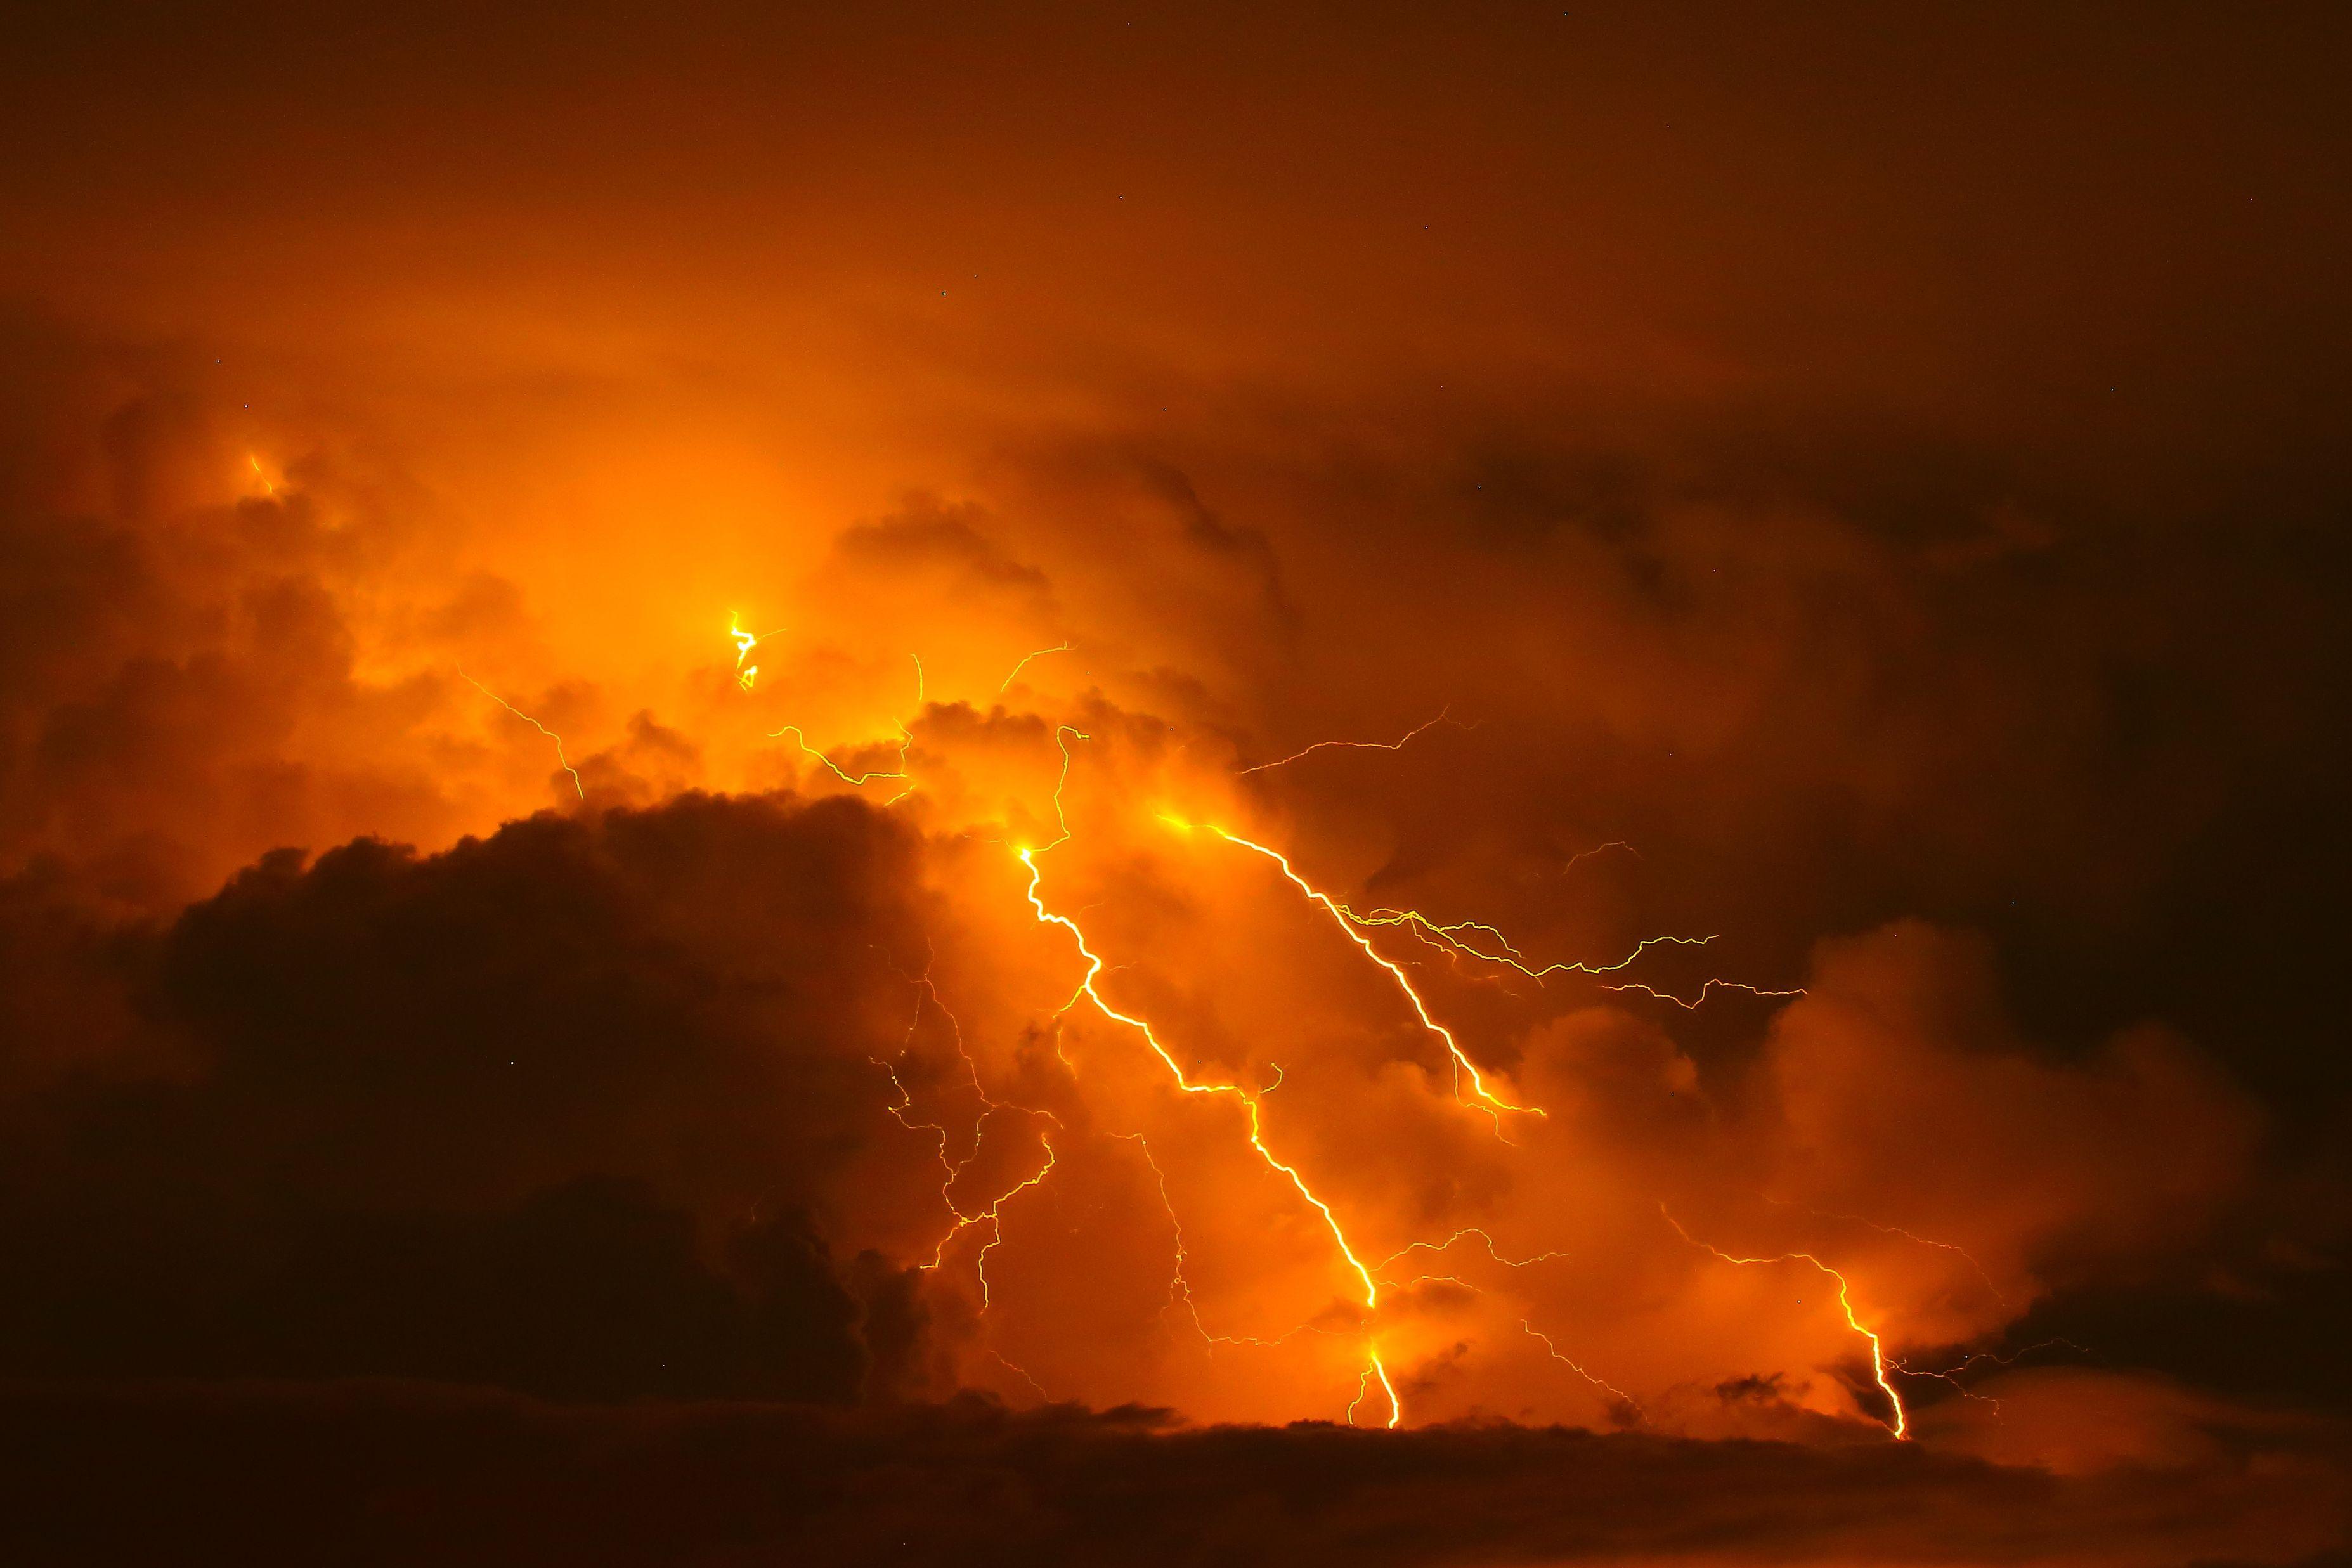 картинки молния и огонь